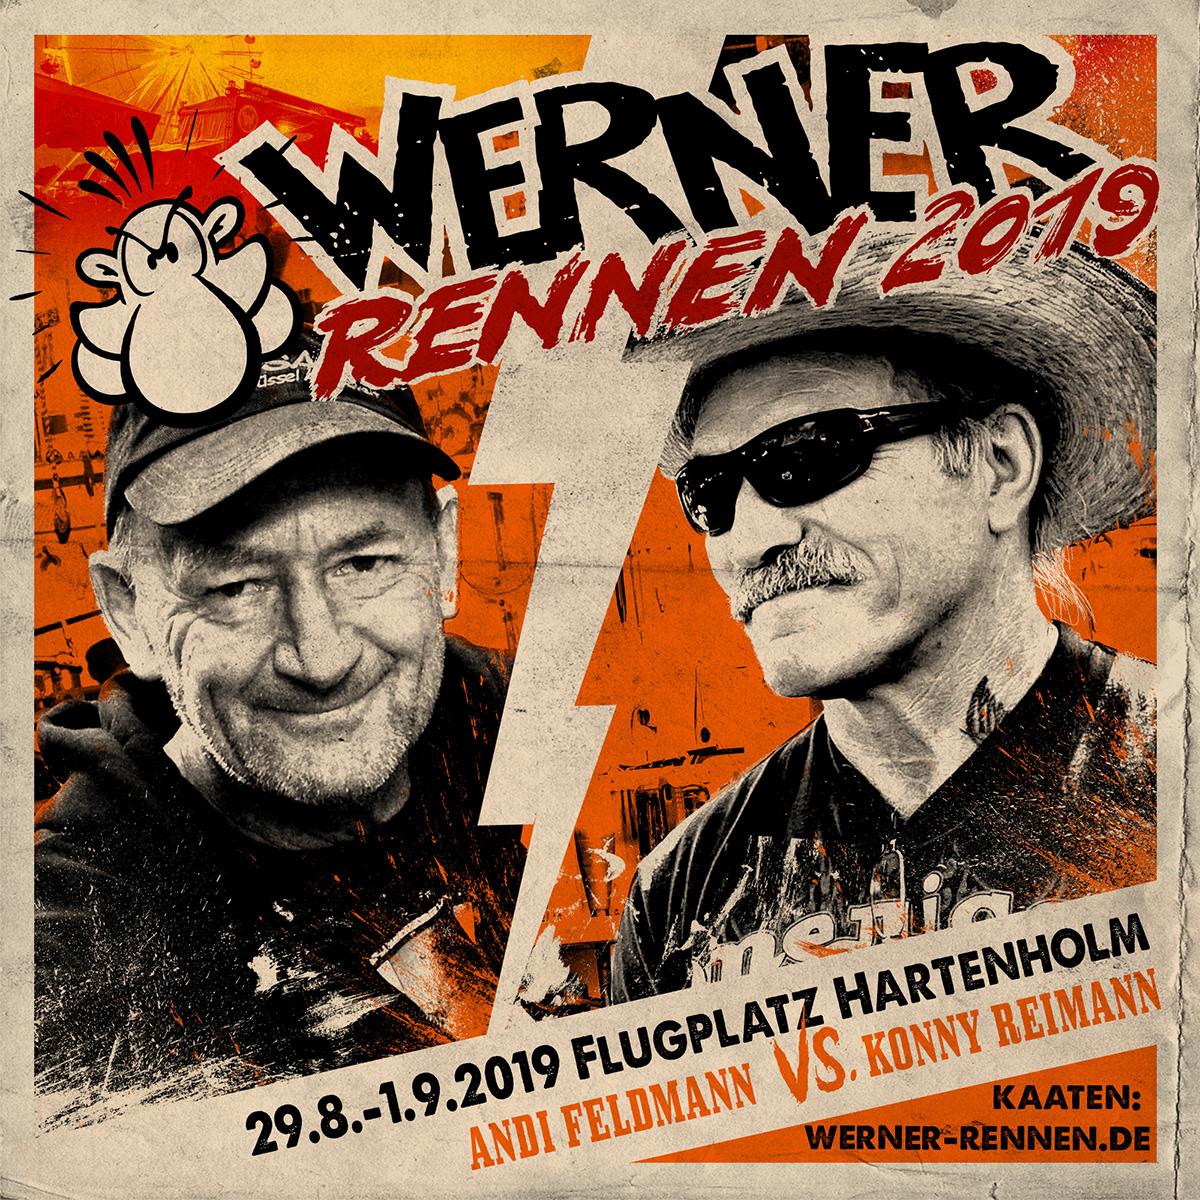 Das Rennen Andi Feldmann gegen Konny Reimann